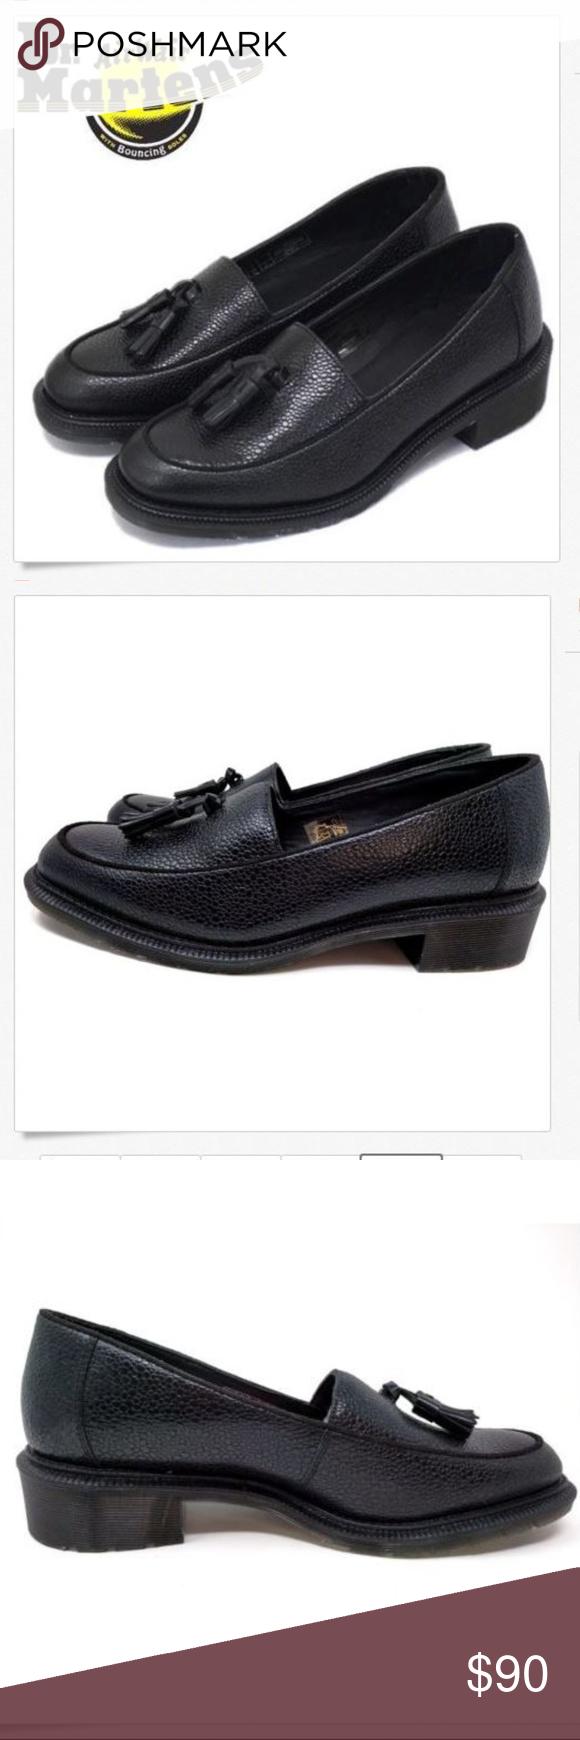 Doc Martens 10 Slip On Shoe Work Safety NEW Dr Doc Martens